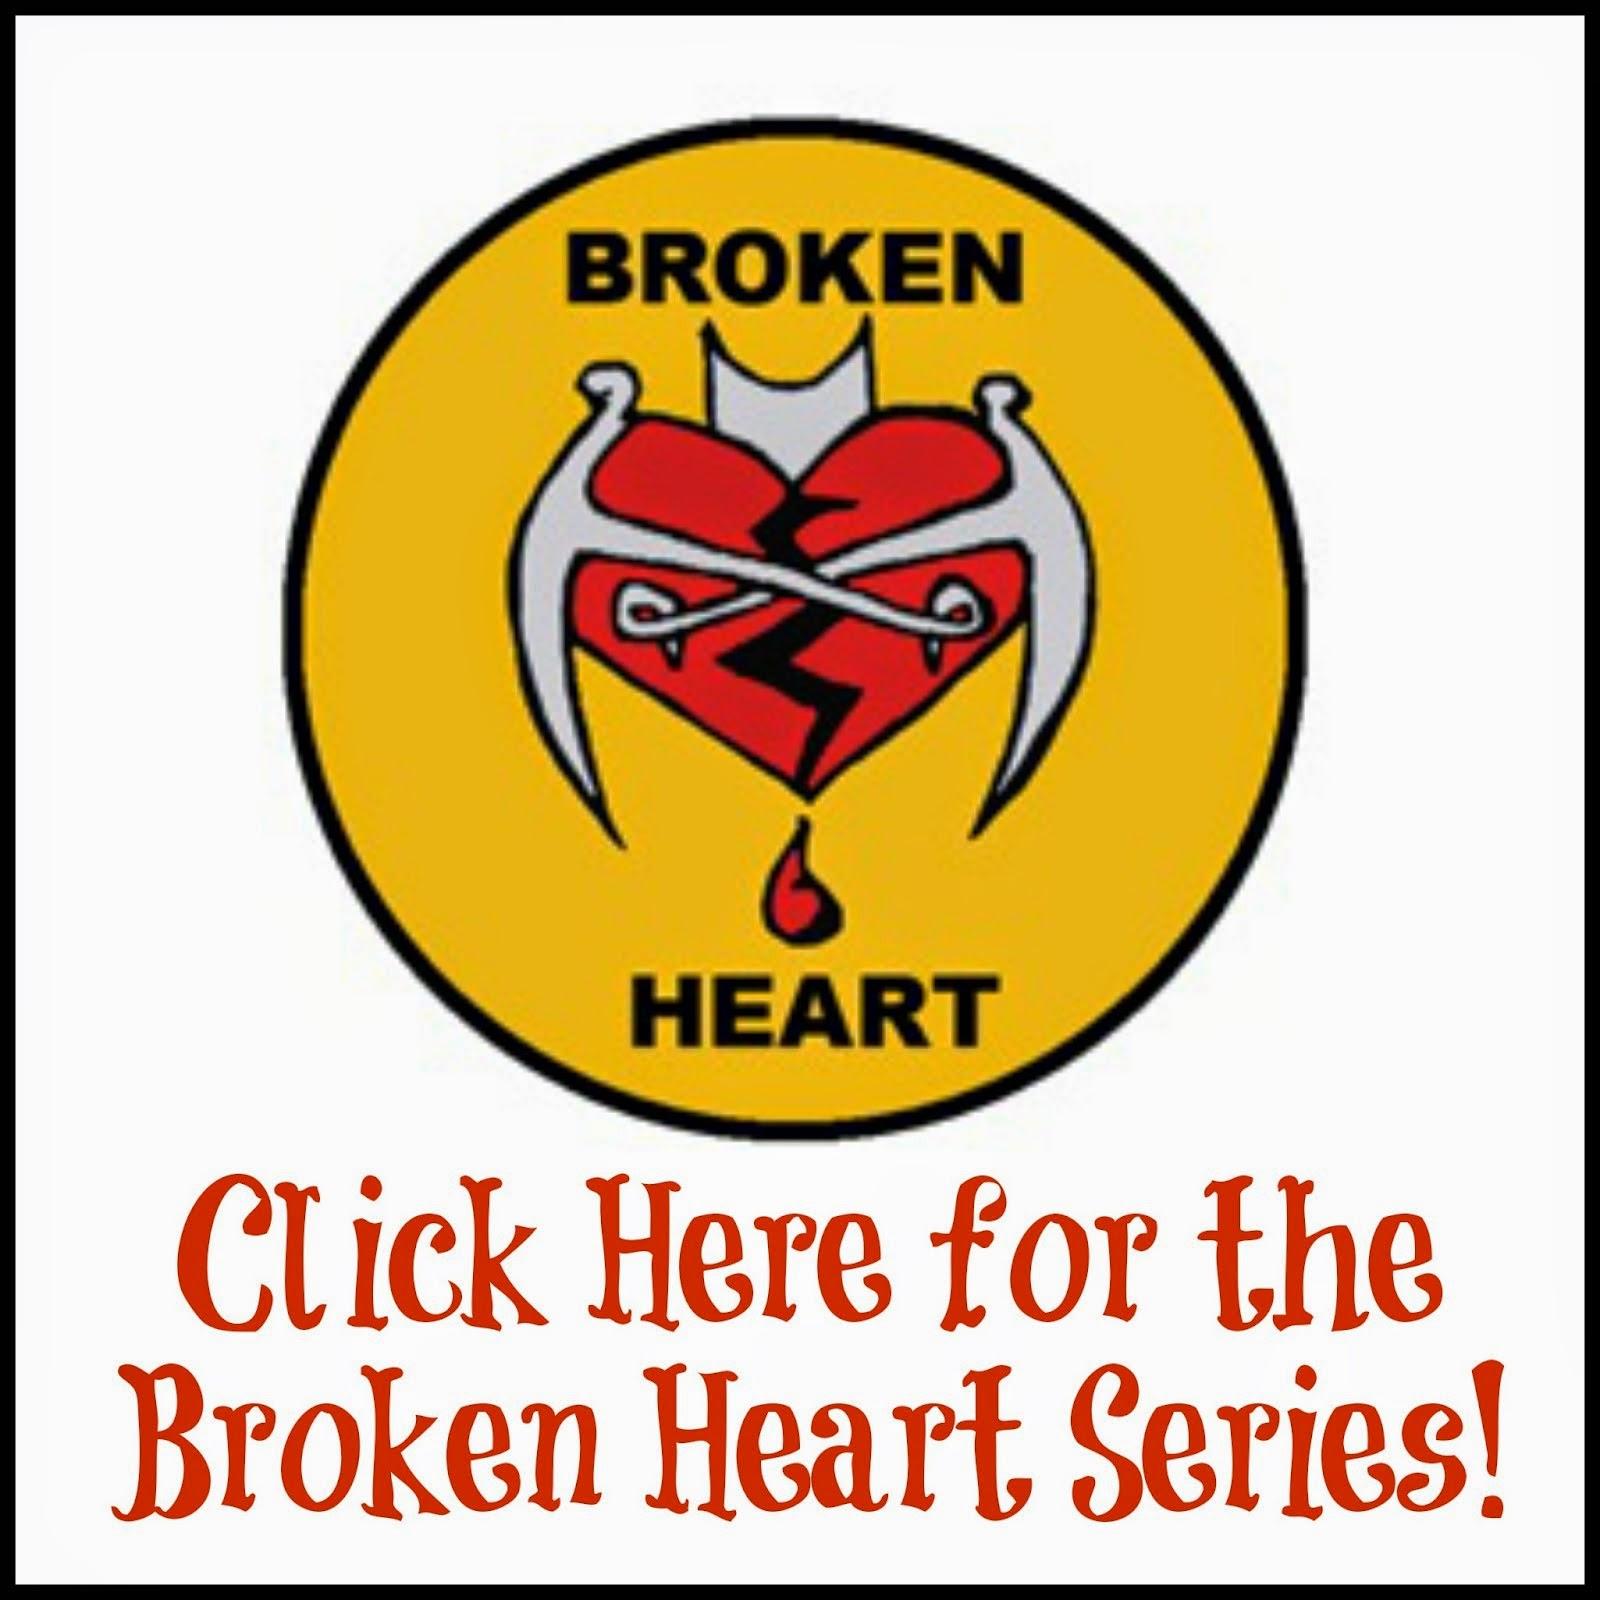 The Broken Heart Series